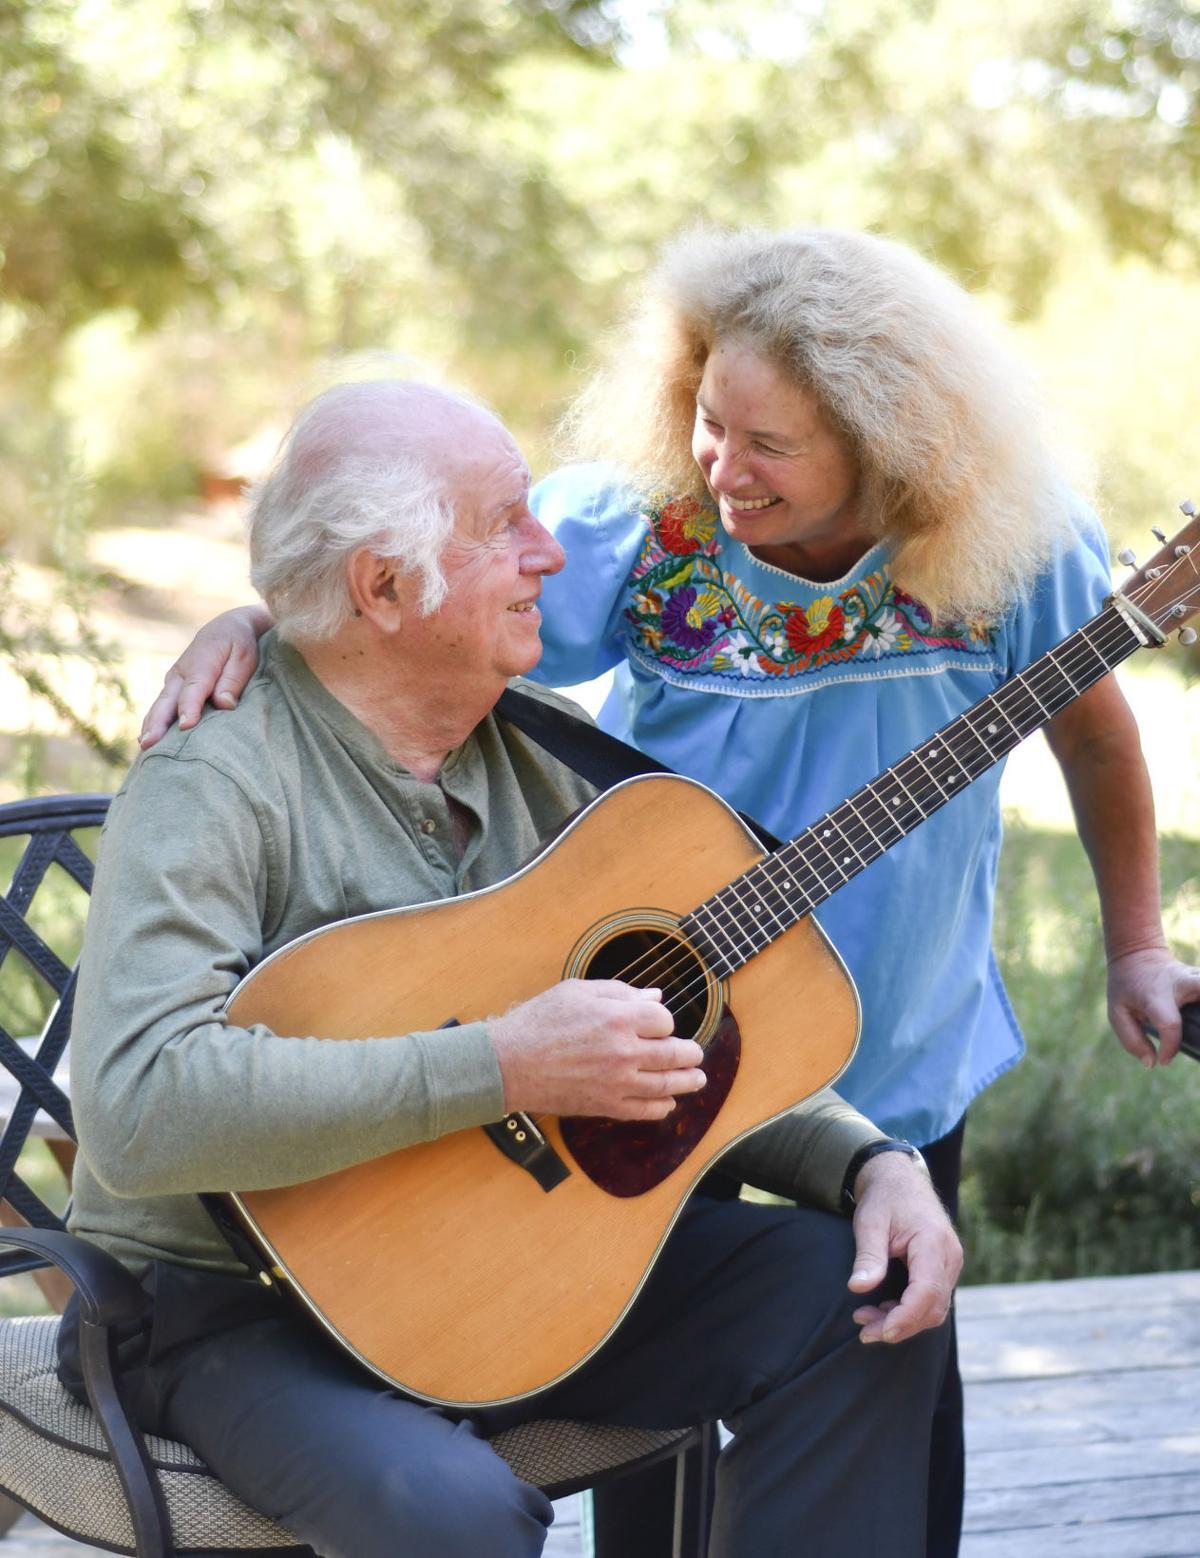 090116 Feldmann bluegrass 02.jpg